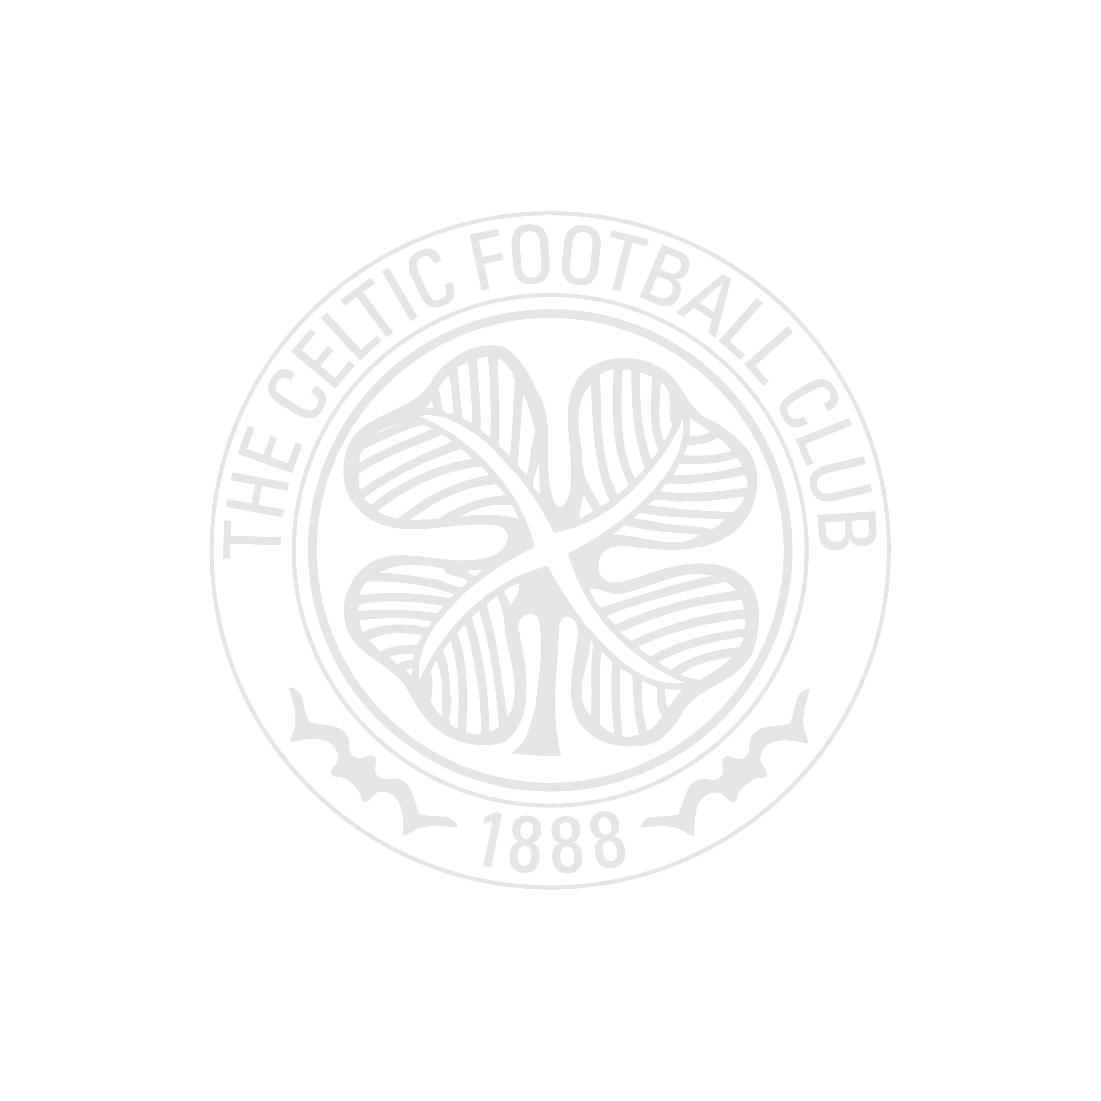 Celtic Kiltee